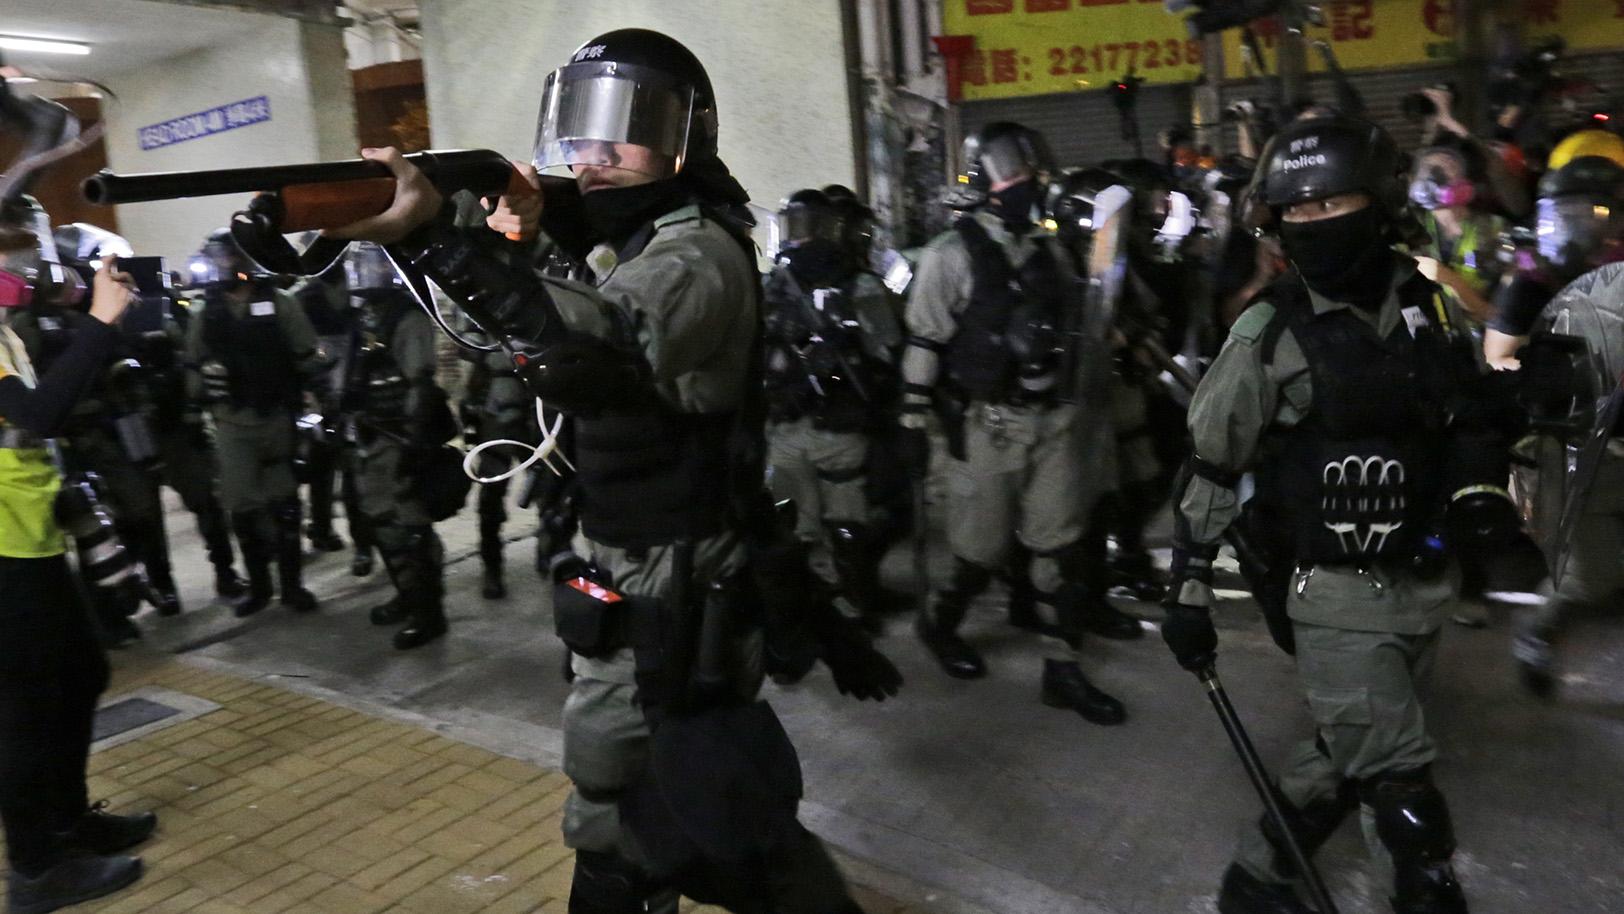 2019年11月8日,香港警察用枪瞄准一些香港的抗议者。(美联社)